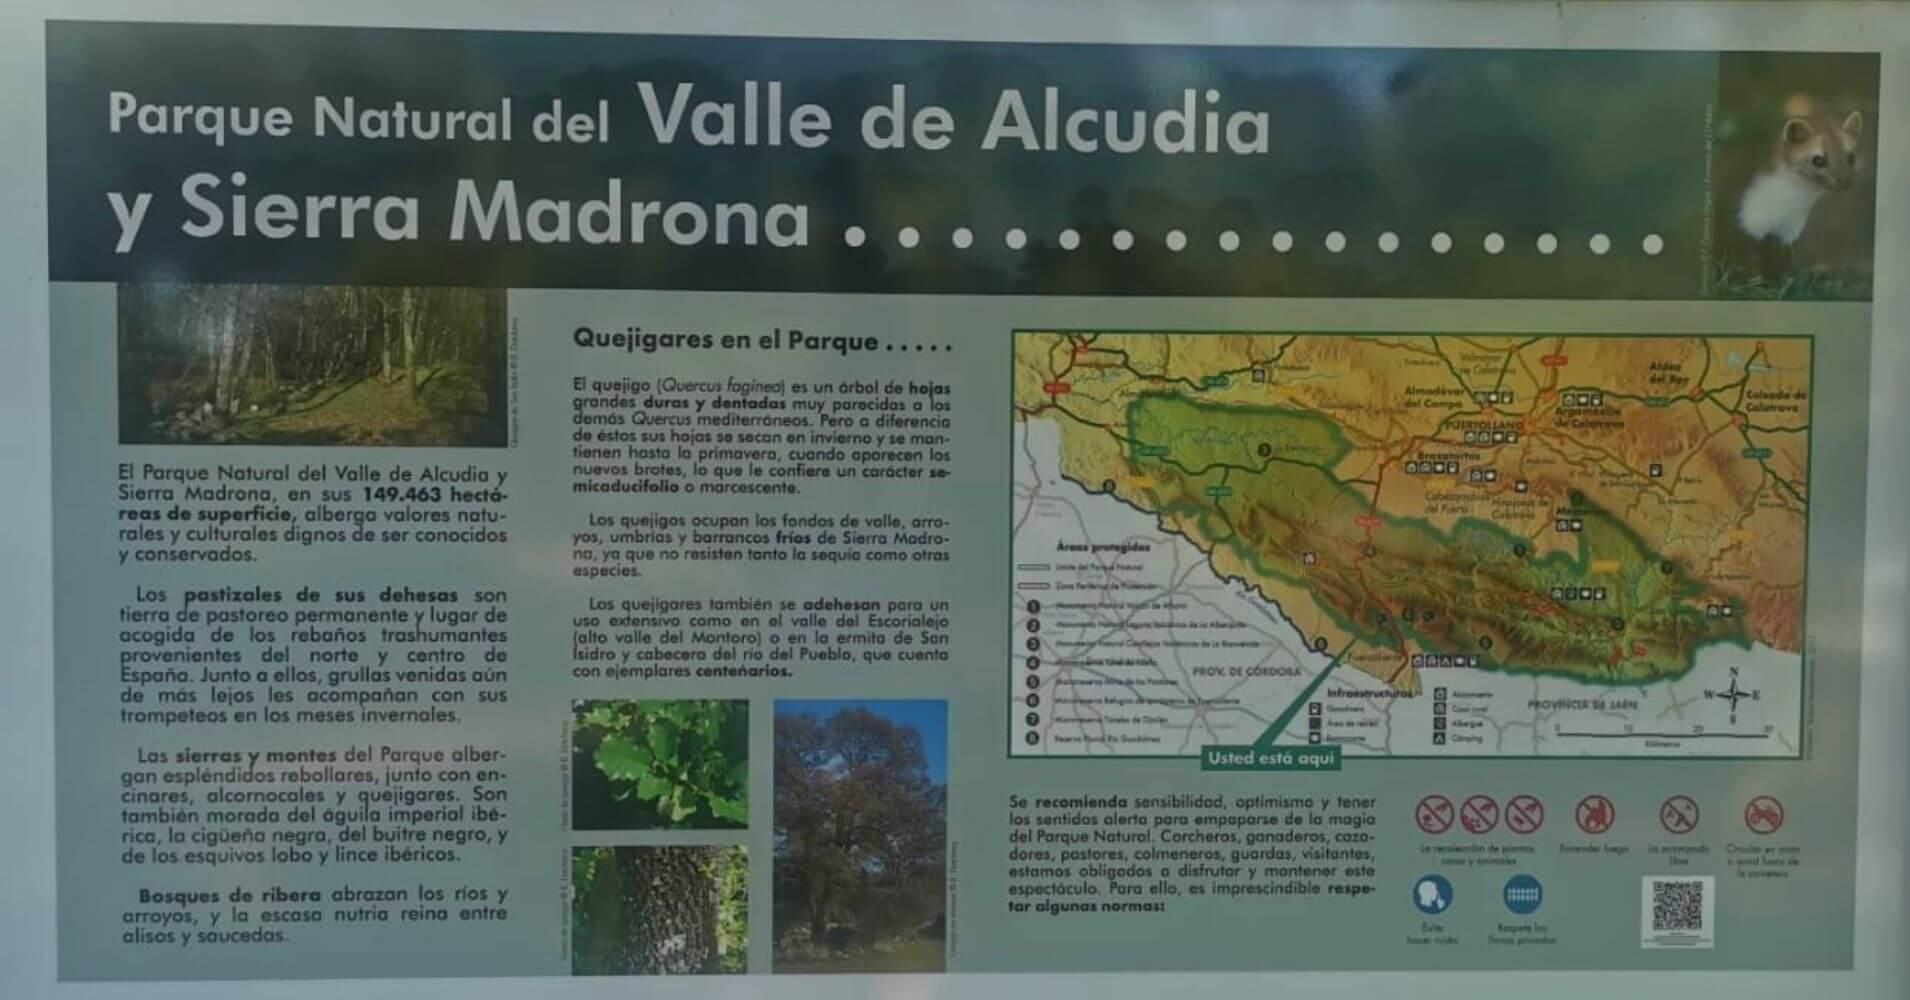 Parque Natural Valle de Alcudia y Sierra Madrona. Ciudad Real en Castilla La Mancha.